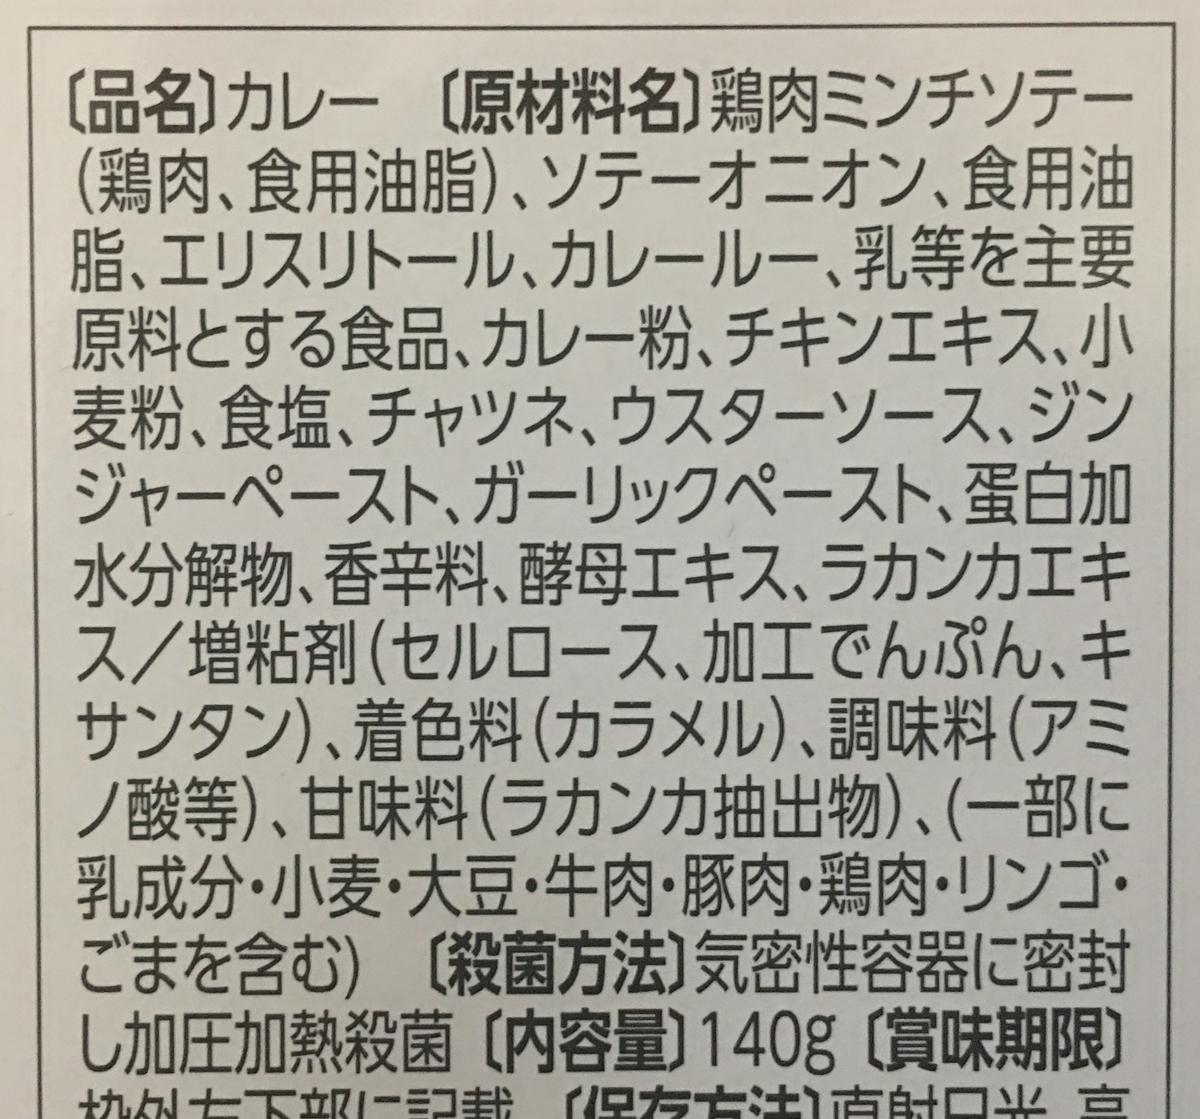 f:id:YOSHIO1010:20200619032819j:plain